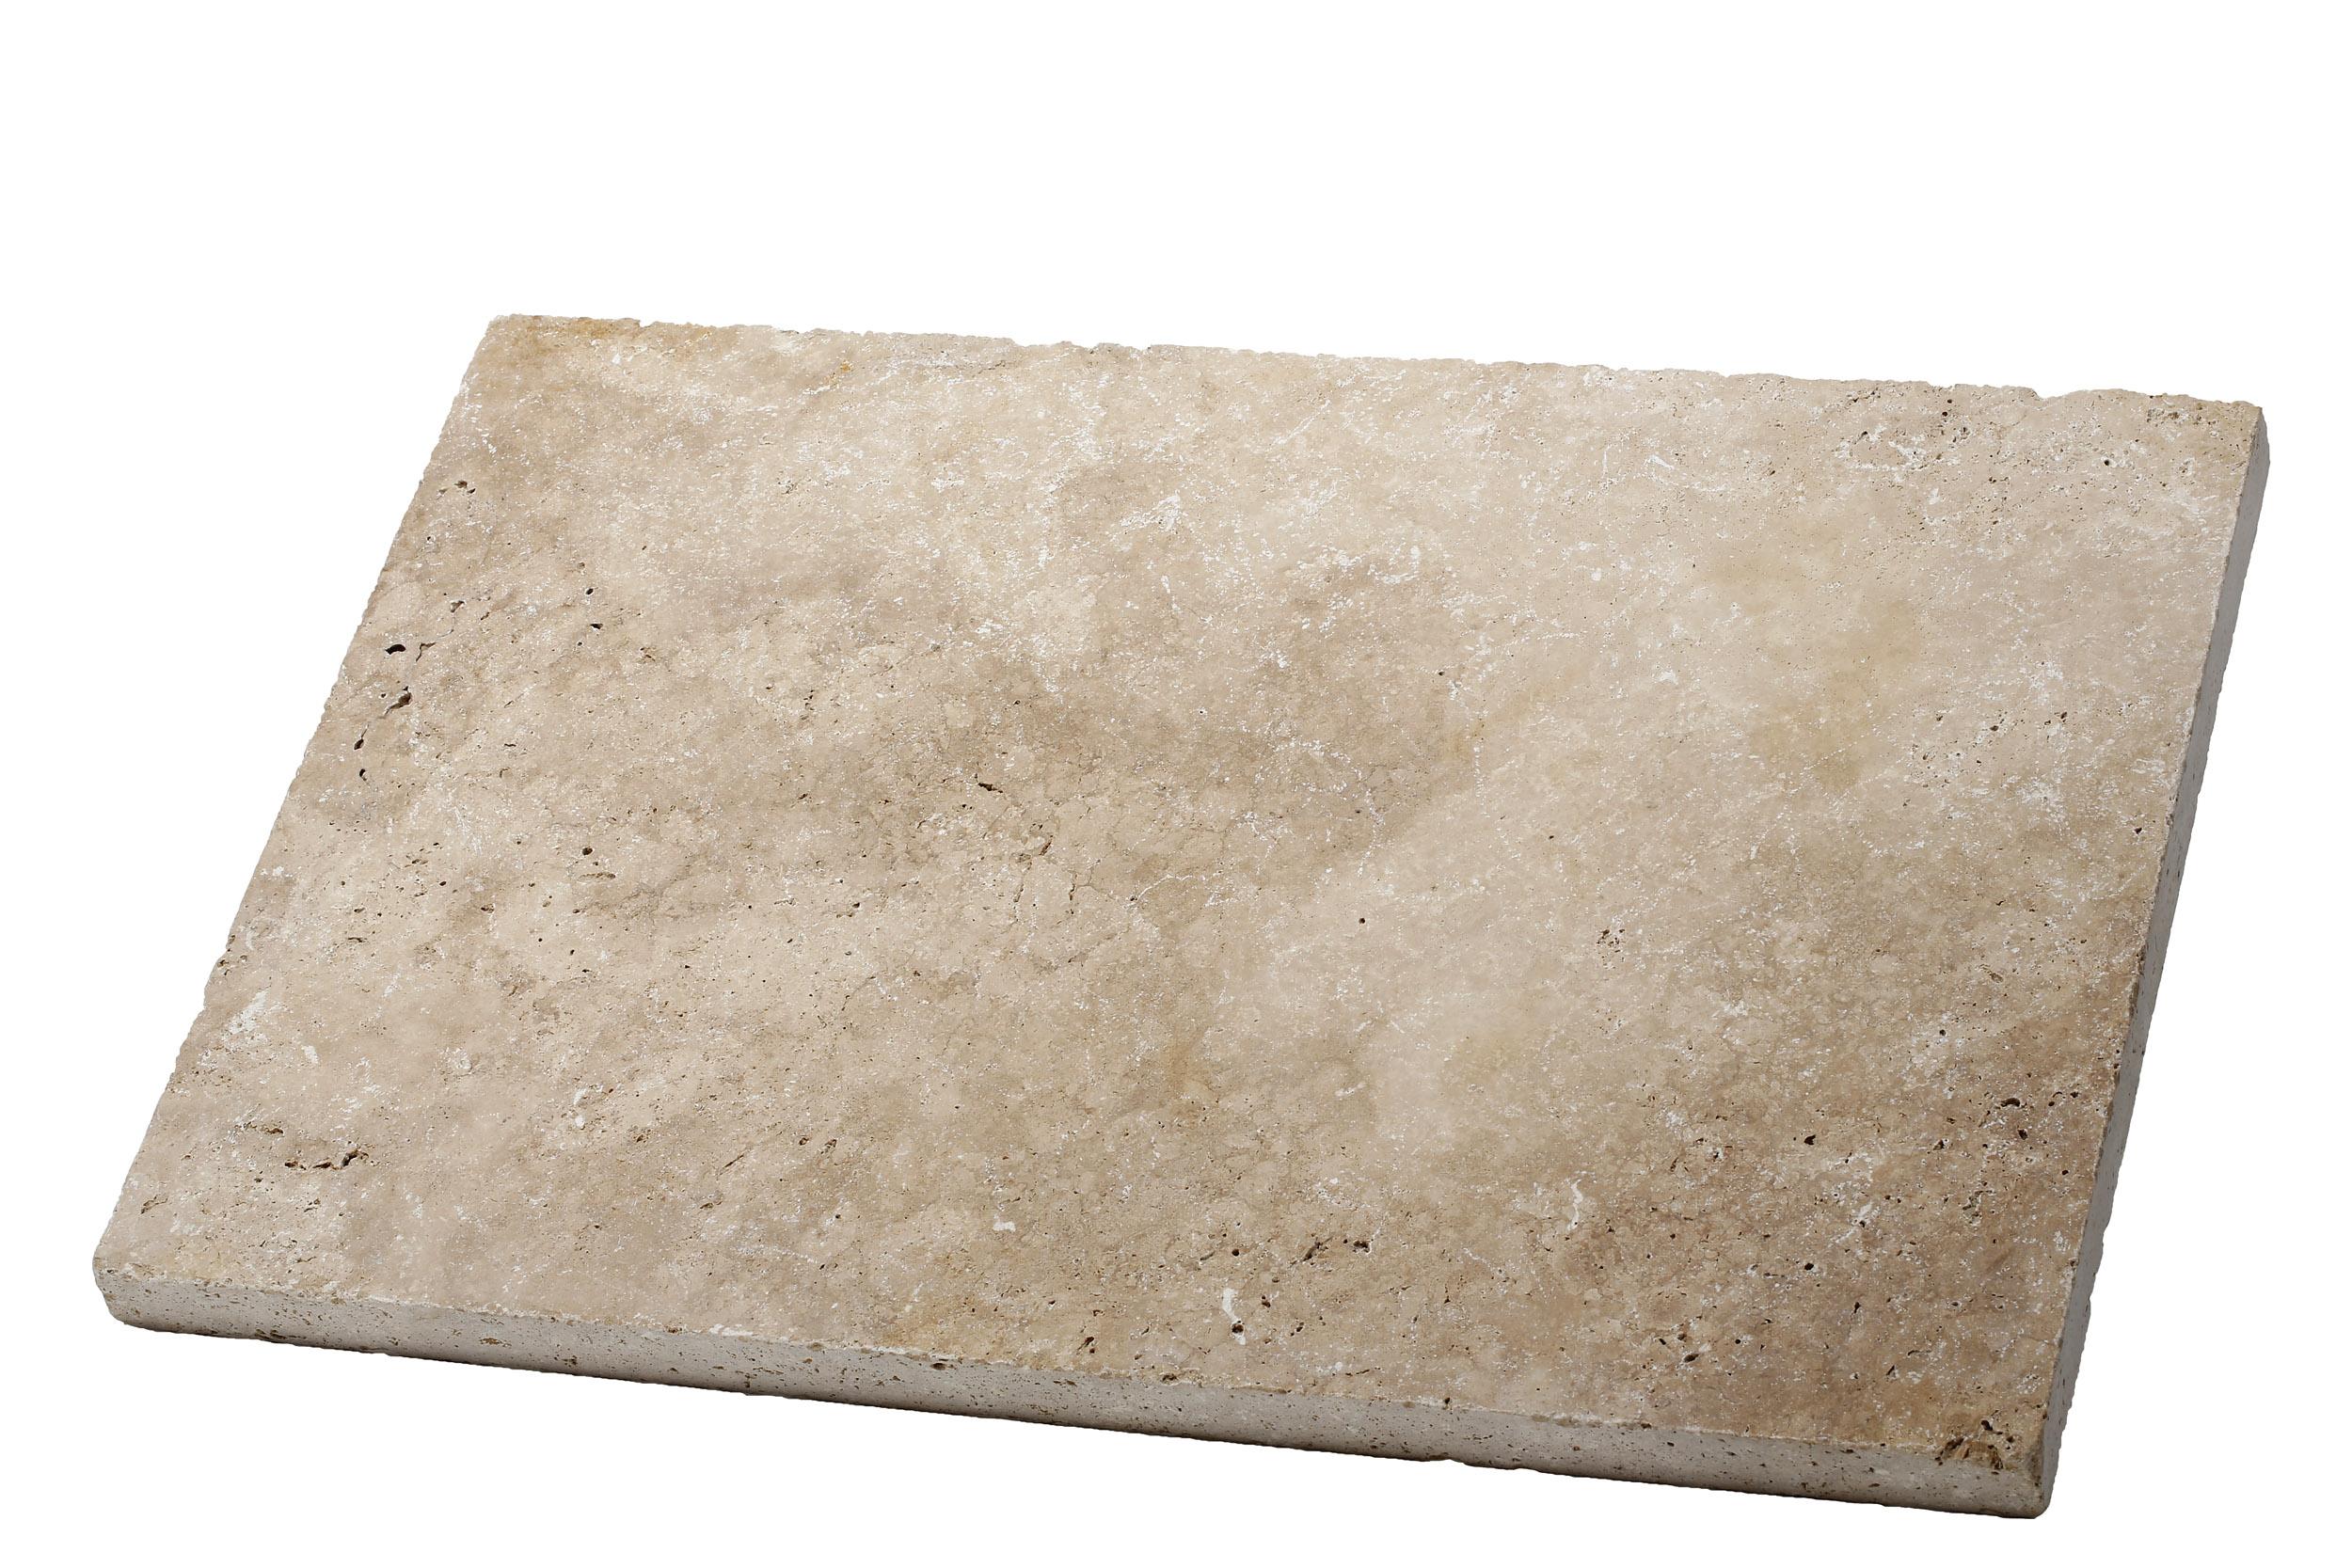 Dalle travertin épaisseur 3 cm